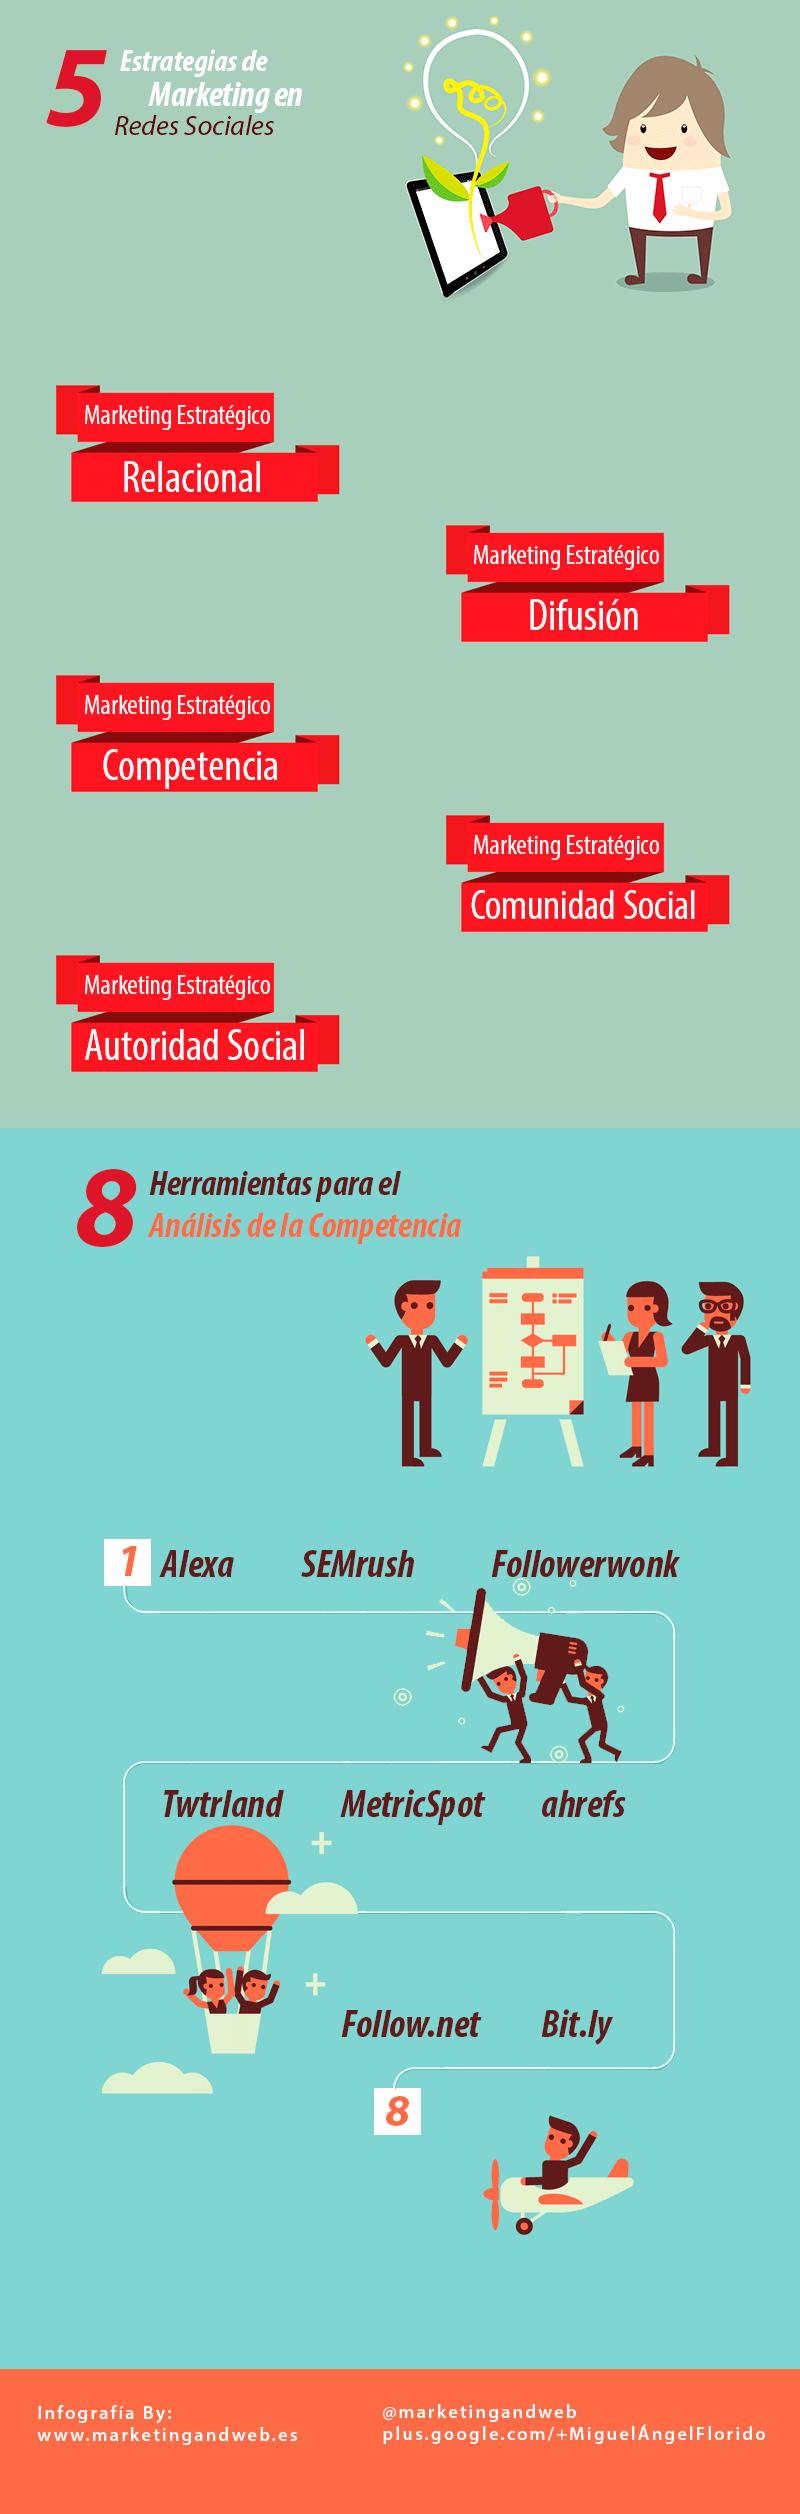 Marketing estratégico en Redes Sociales